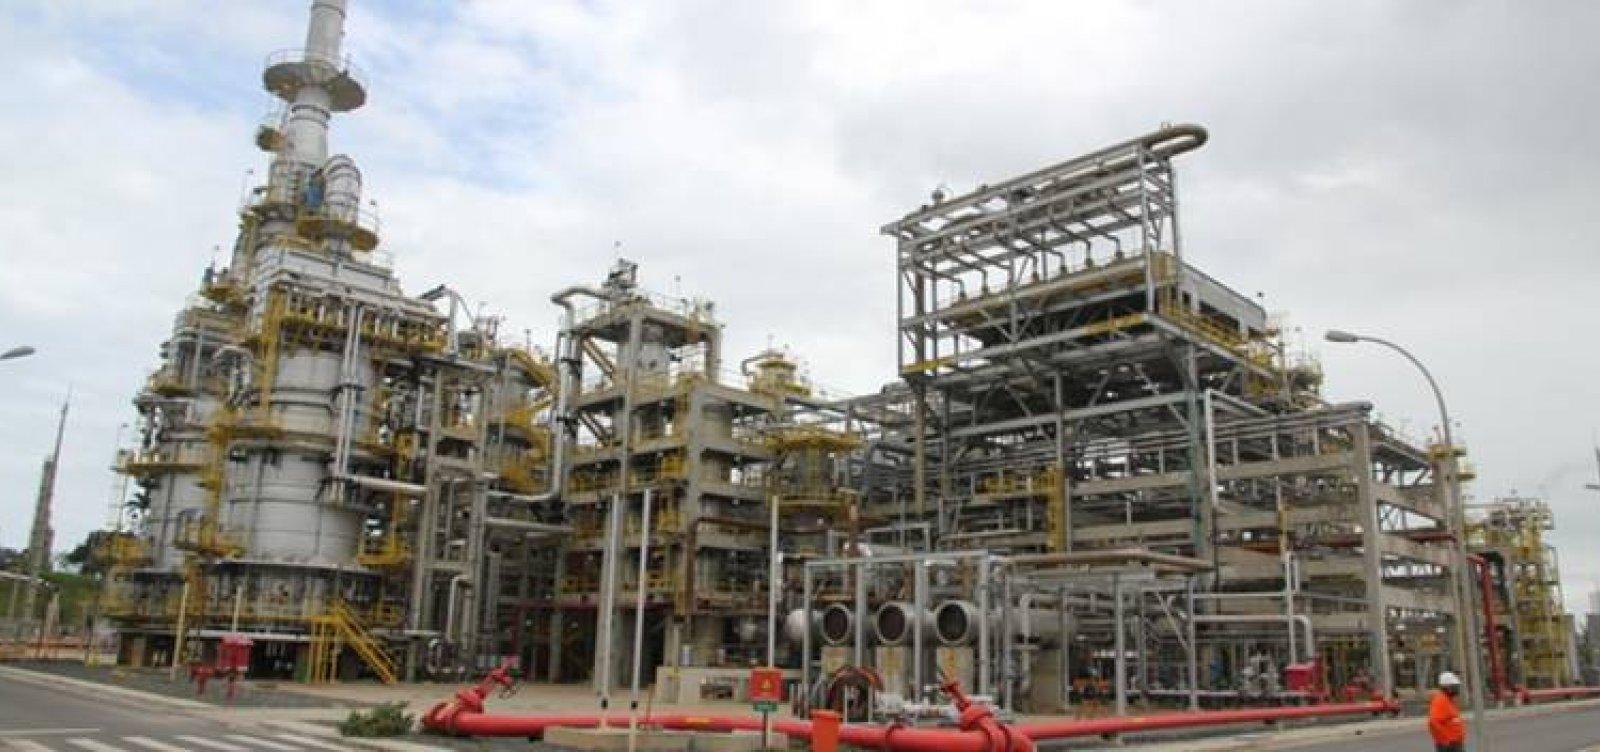 Ato em refinaria do Recôncavo marcará primeiro dia de greve dos petroleiros da Bahia nesta quinta